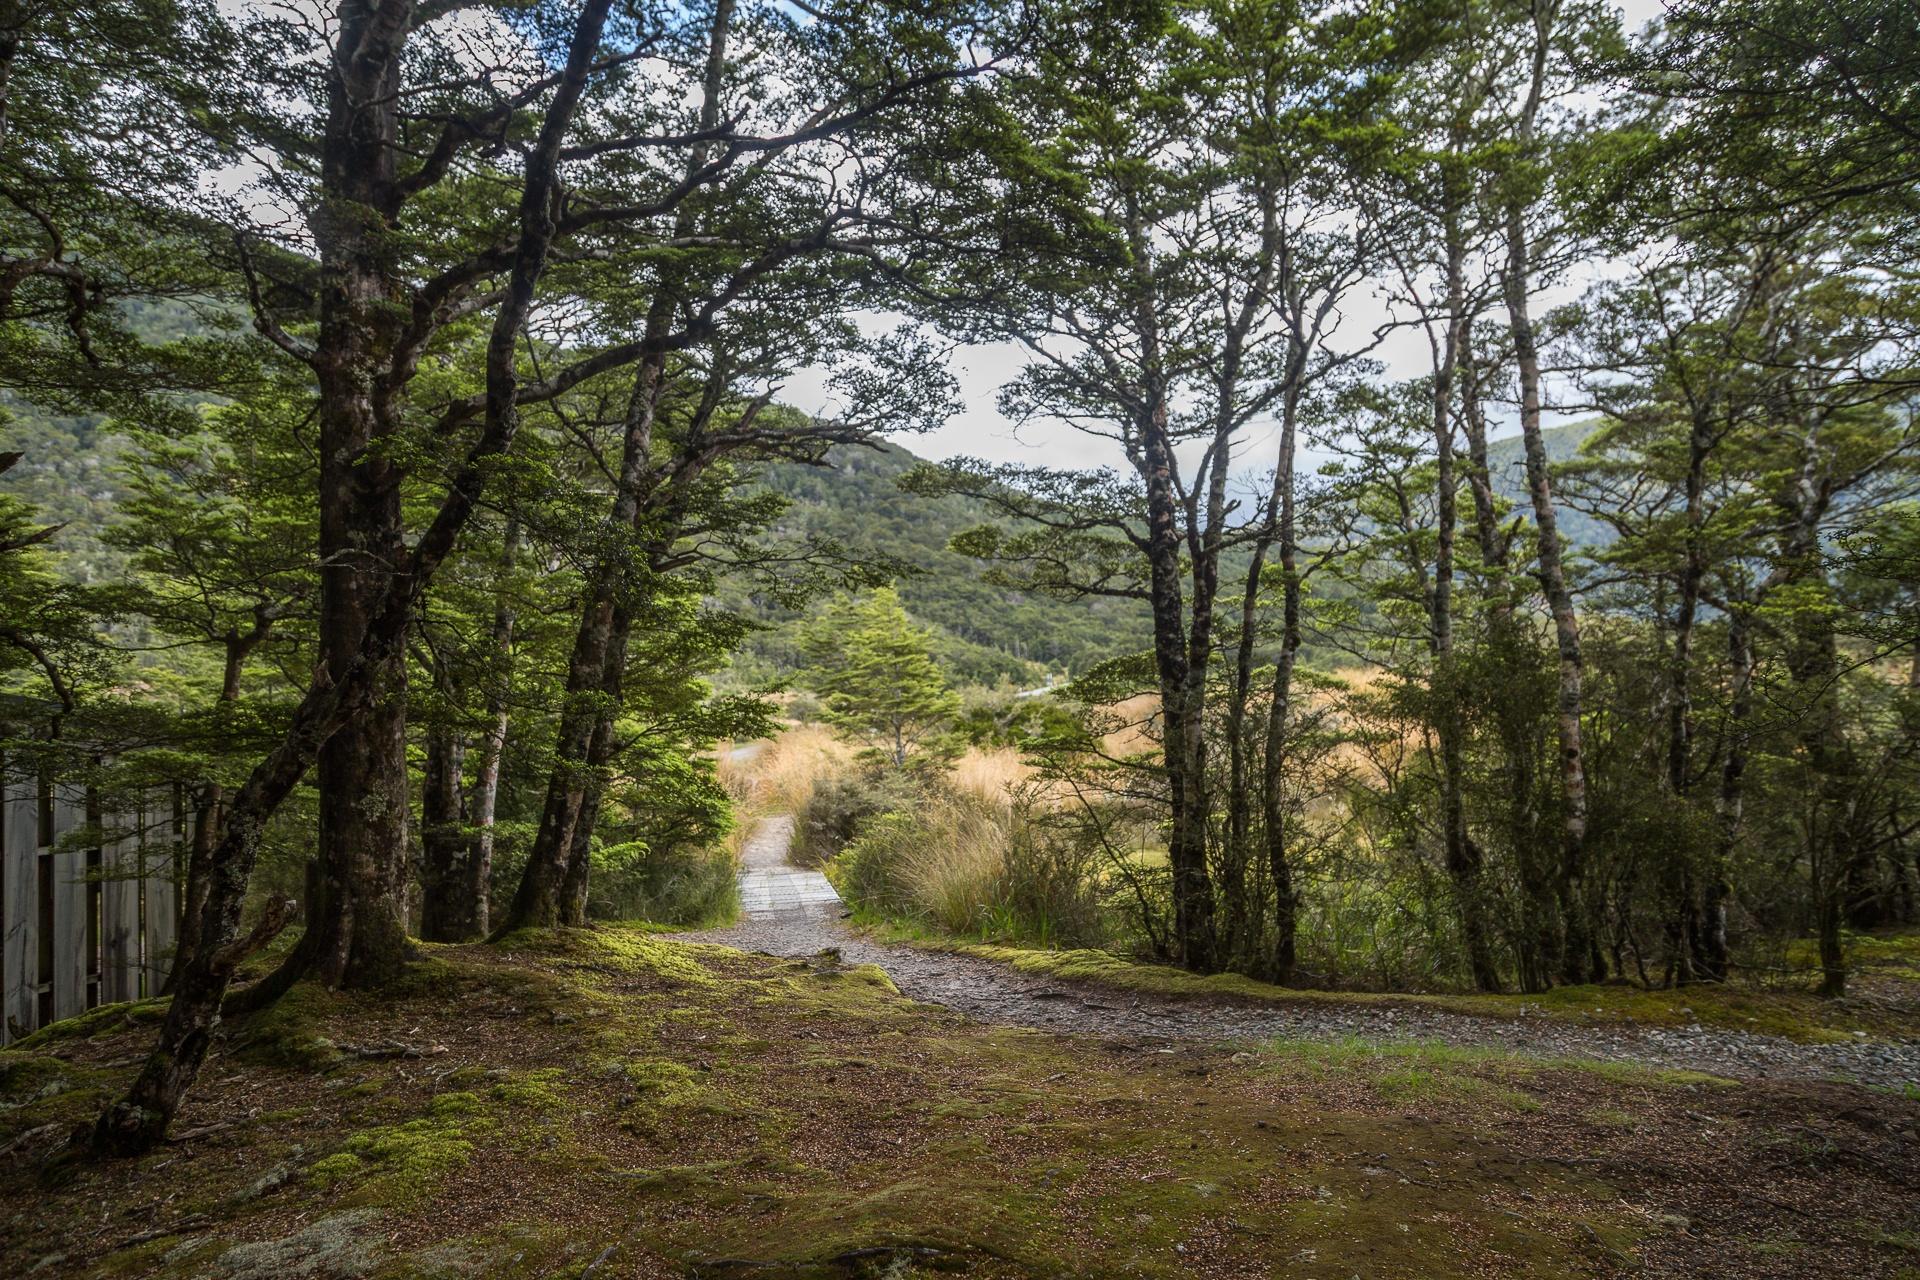 New Zealand beech forest